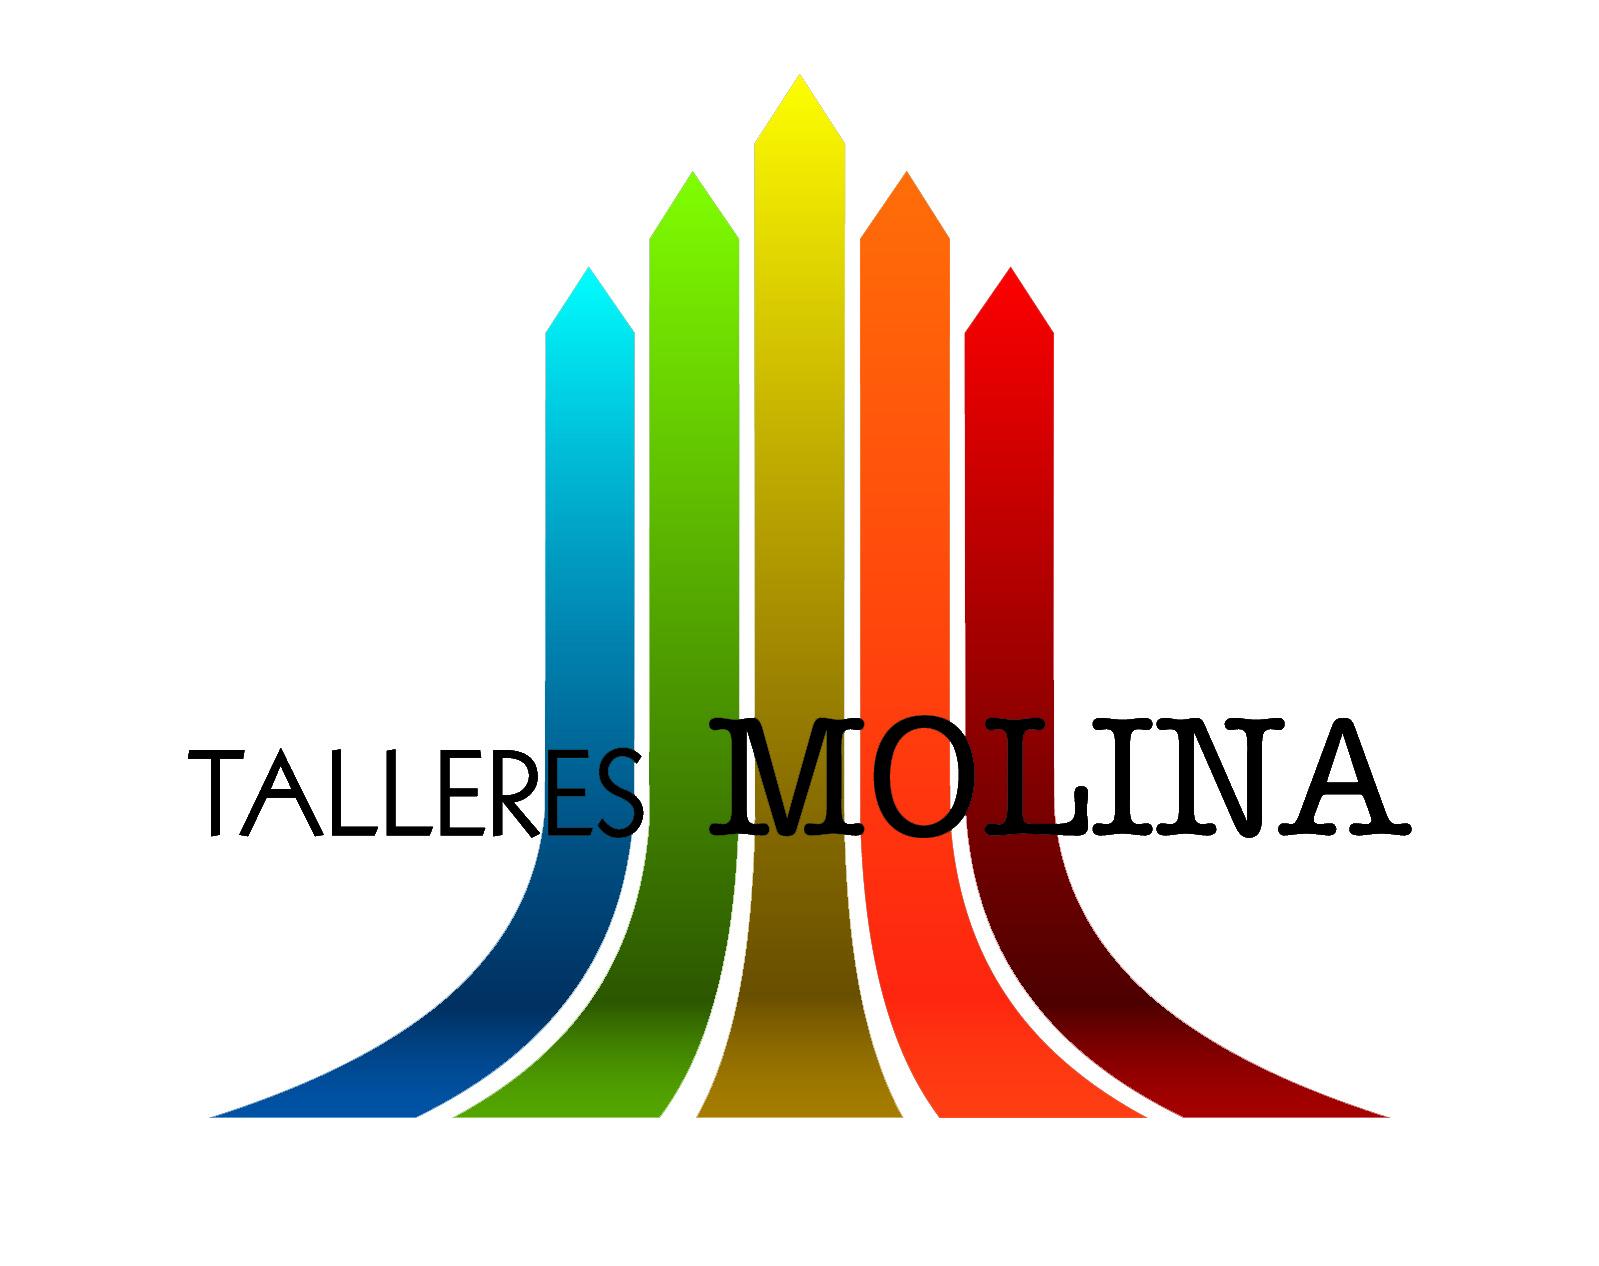 TALLERES MOLINA